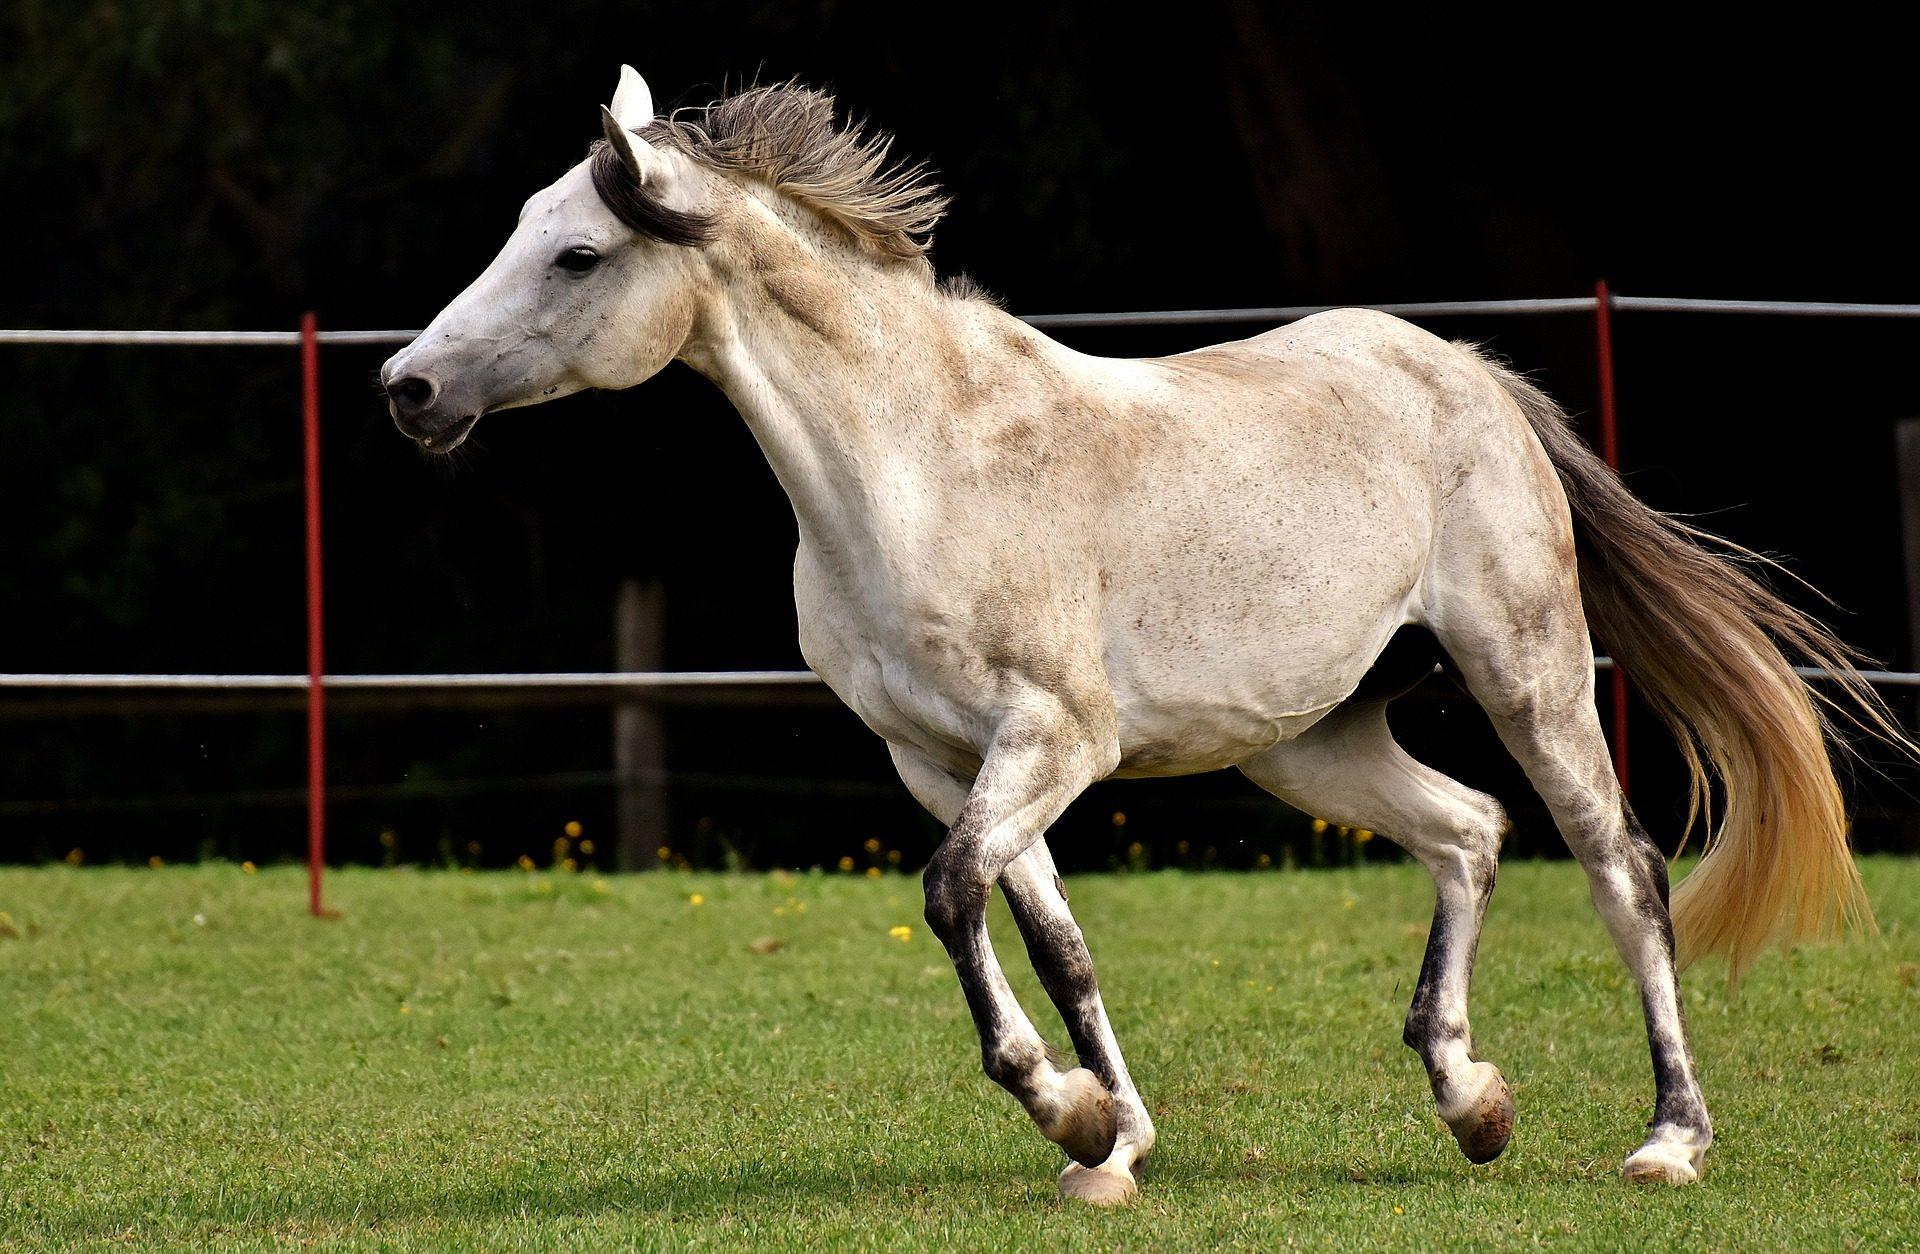 حصان, جالوب, خبب, التدريب, المرج, العشب - خلفيات عالية الدقة - أستاذ falken.com